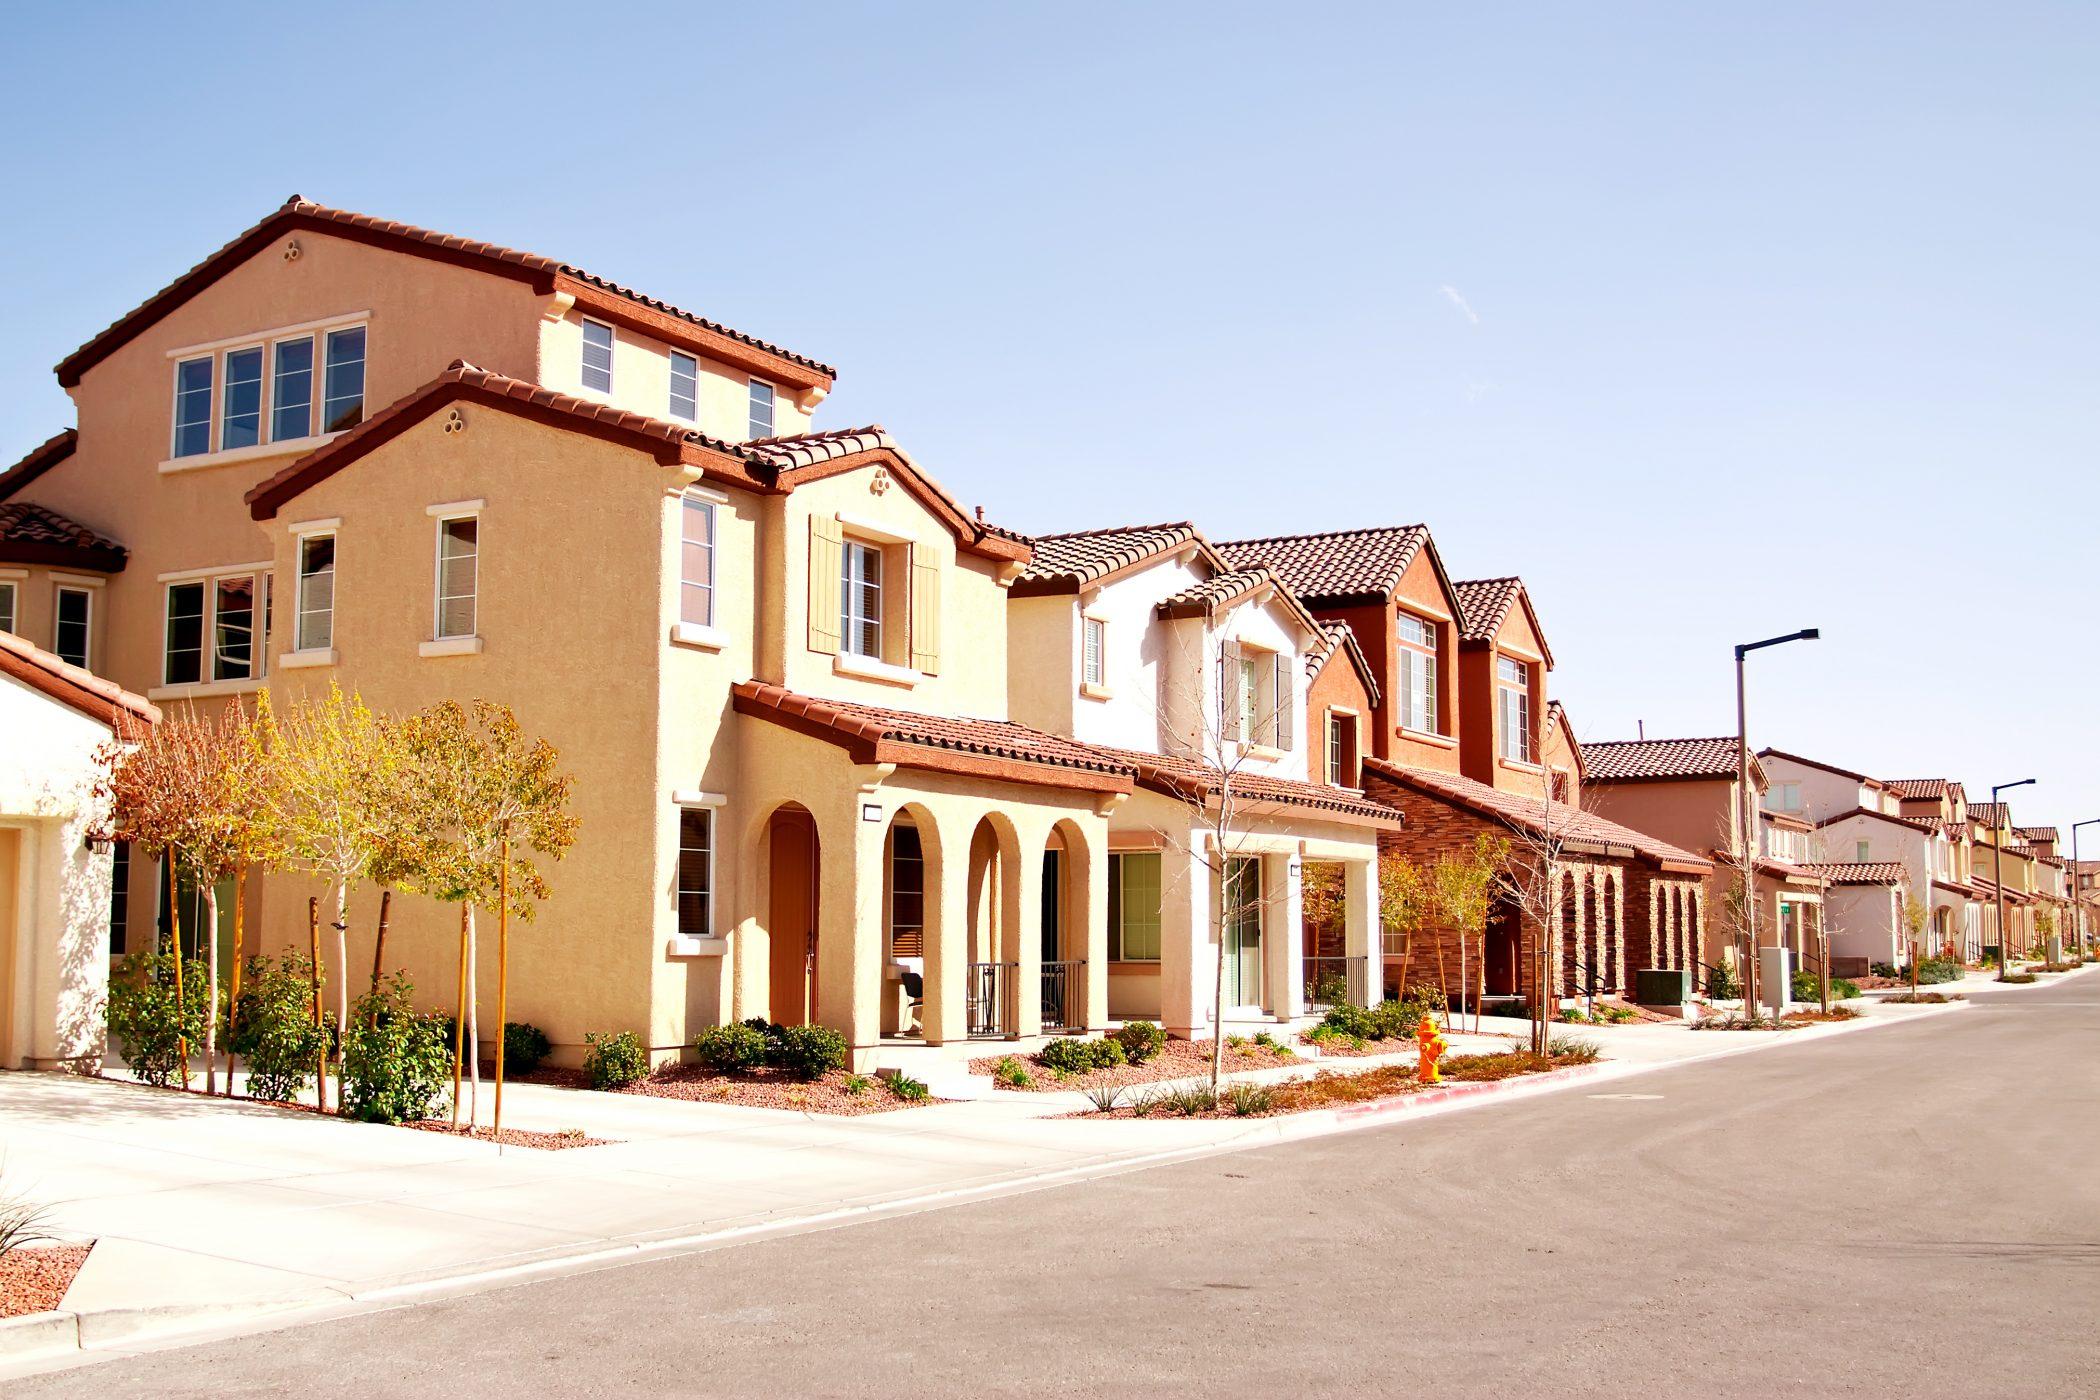 Quiet suburban neighborhood